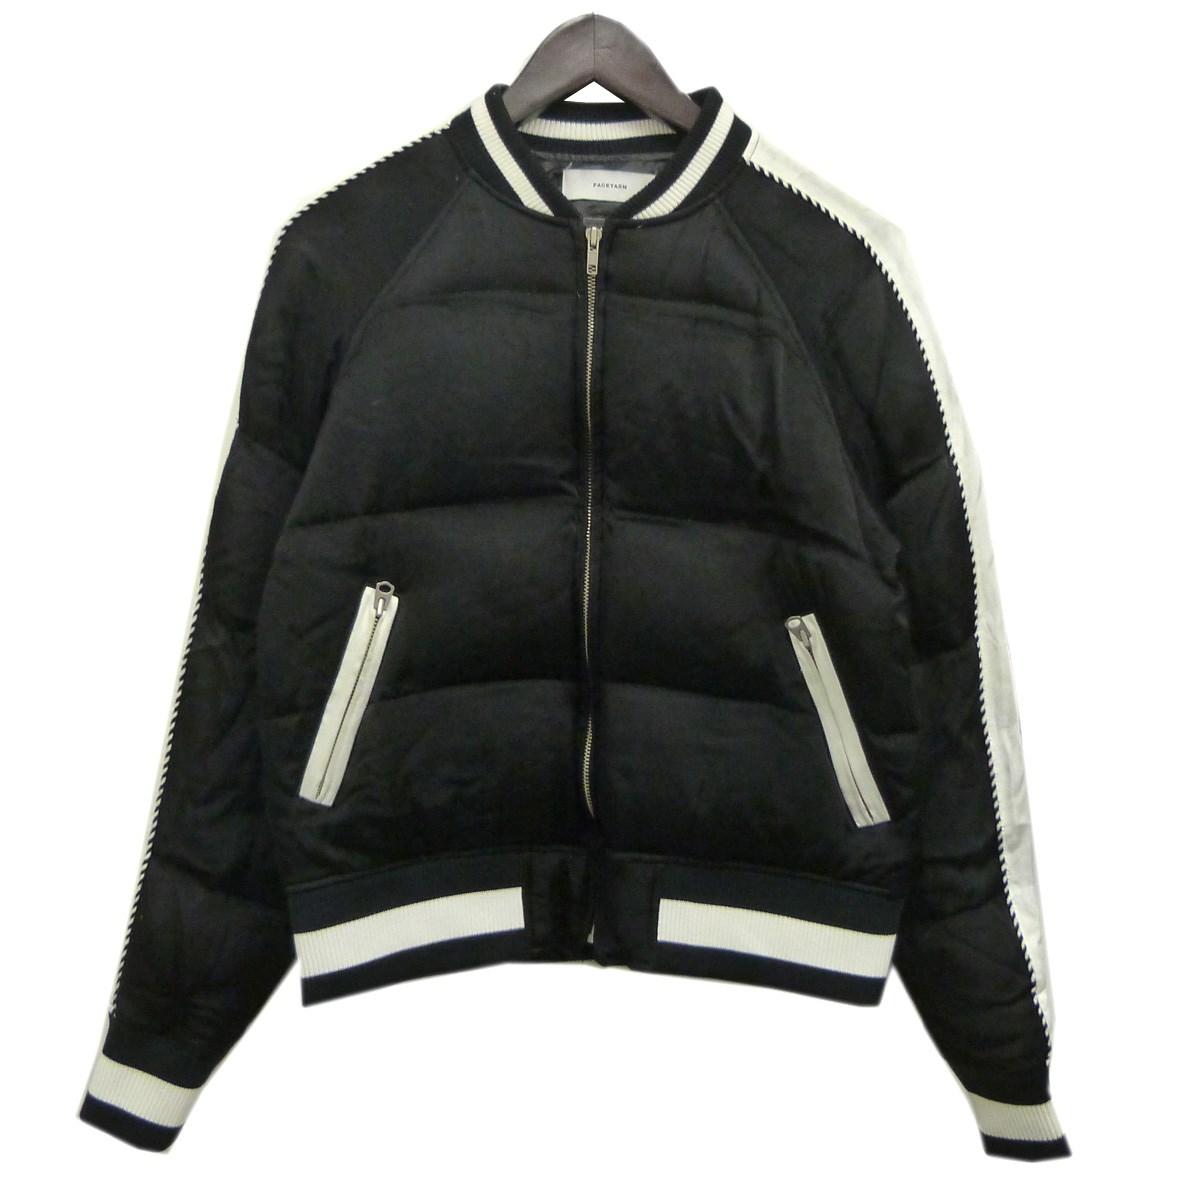 【中古】FACETASM 16AWスカダウンジャケット ブラック サイズ:1 【080819】(ファセッタズム)